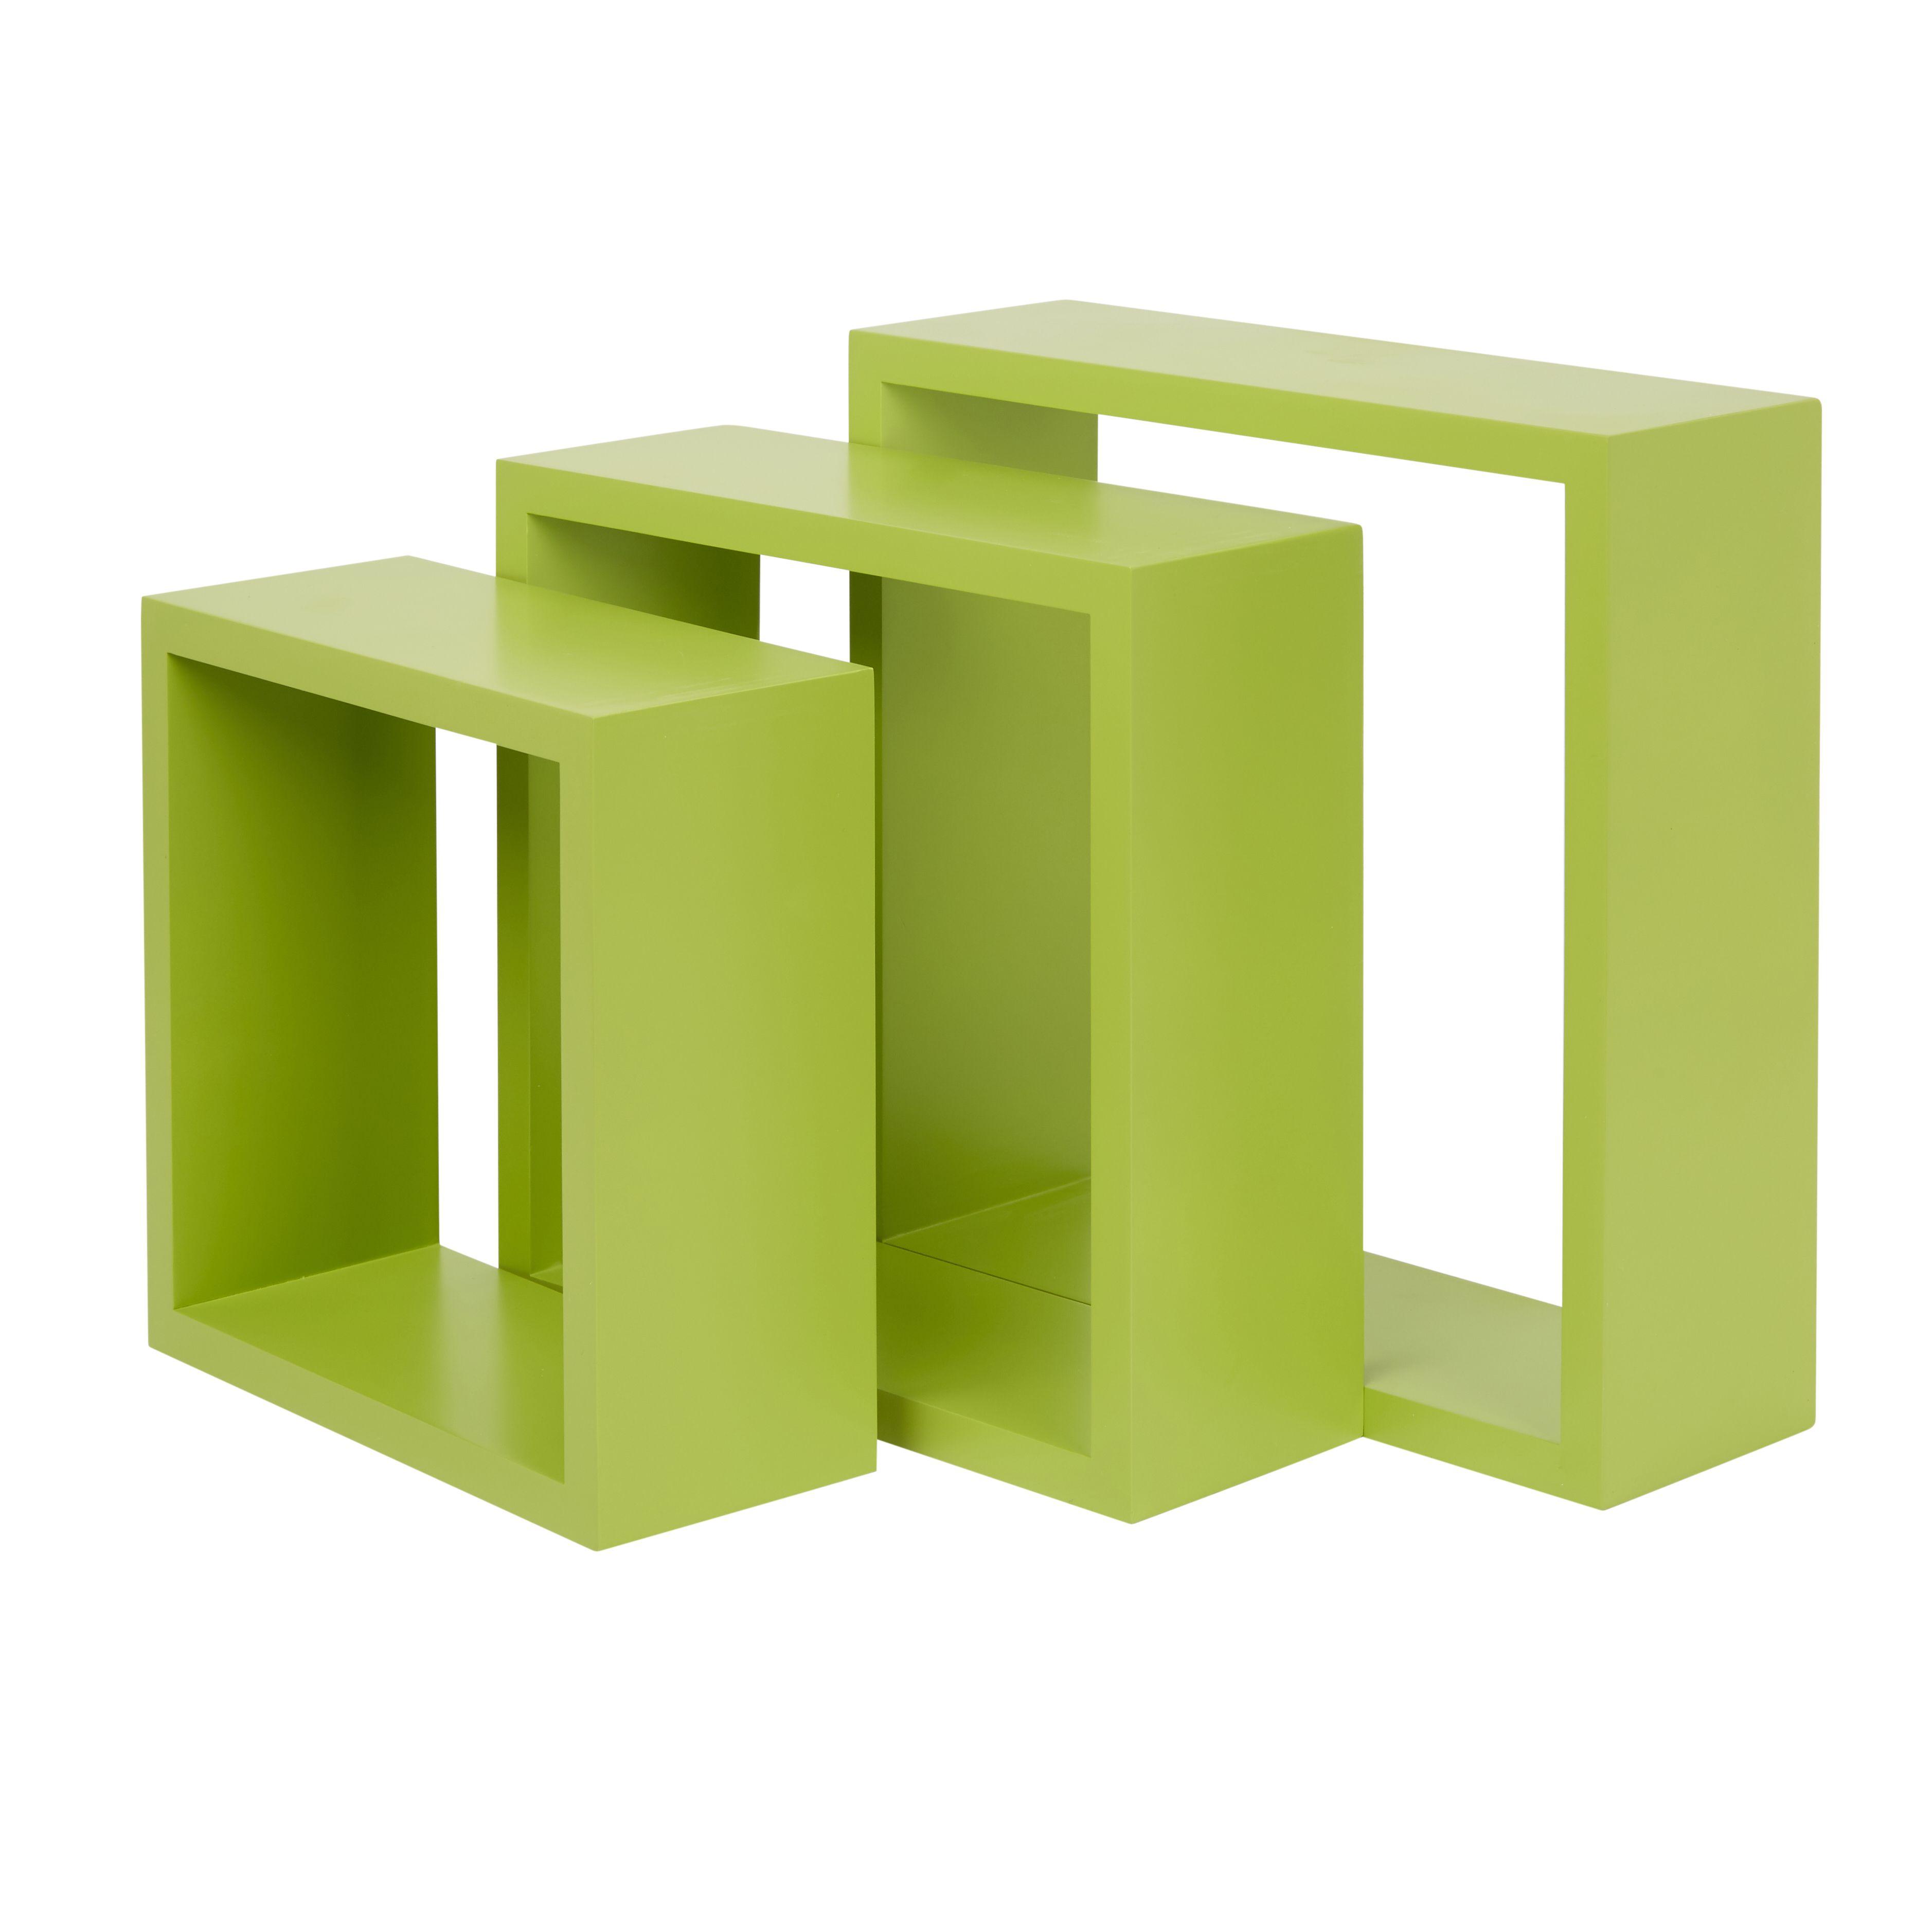 Form Rigga Green Cube shelves, Set of 3 | Departments | DIY at B&Q